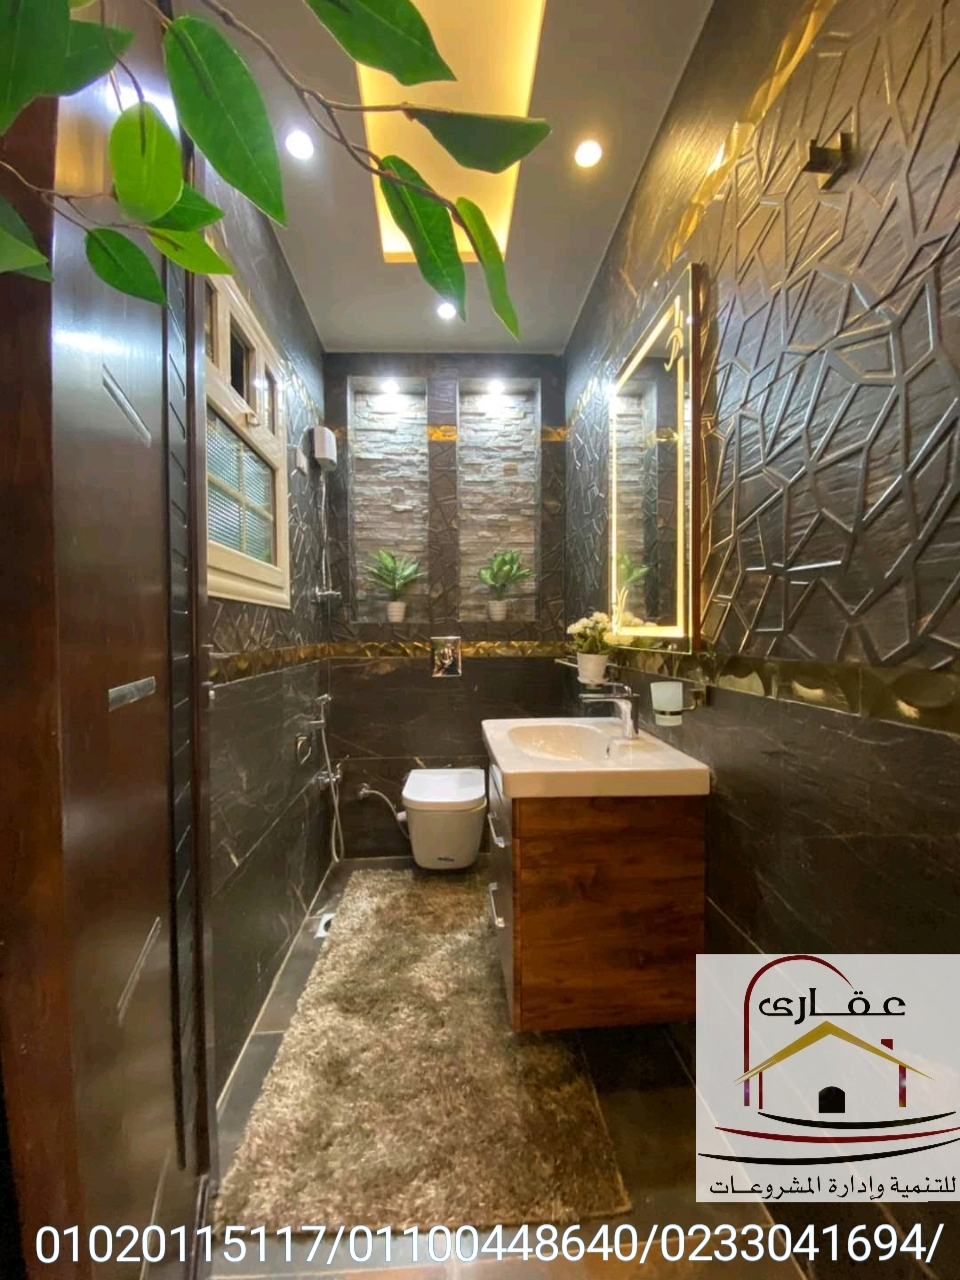 حمامات كبيرة وصغيرة مودرن وكلاسيك ترضى جميع الاذواق مع شركة عقارى 01020115117 Whats158